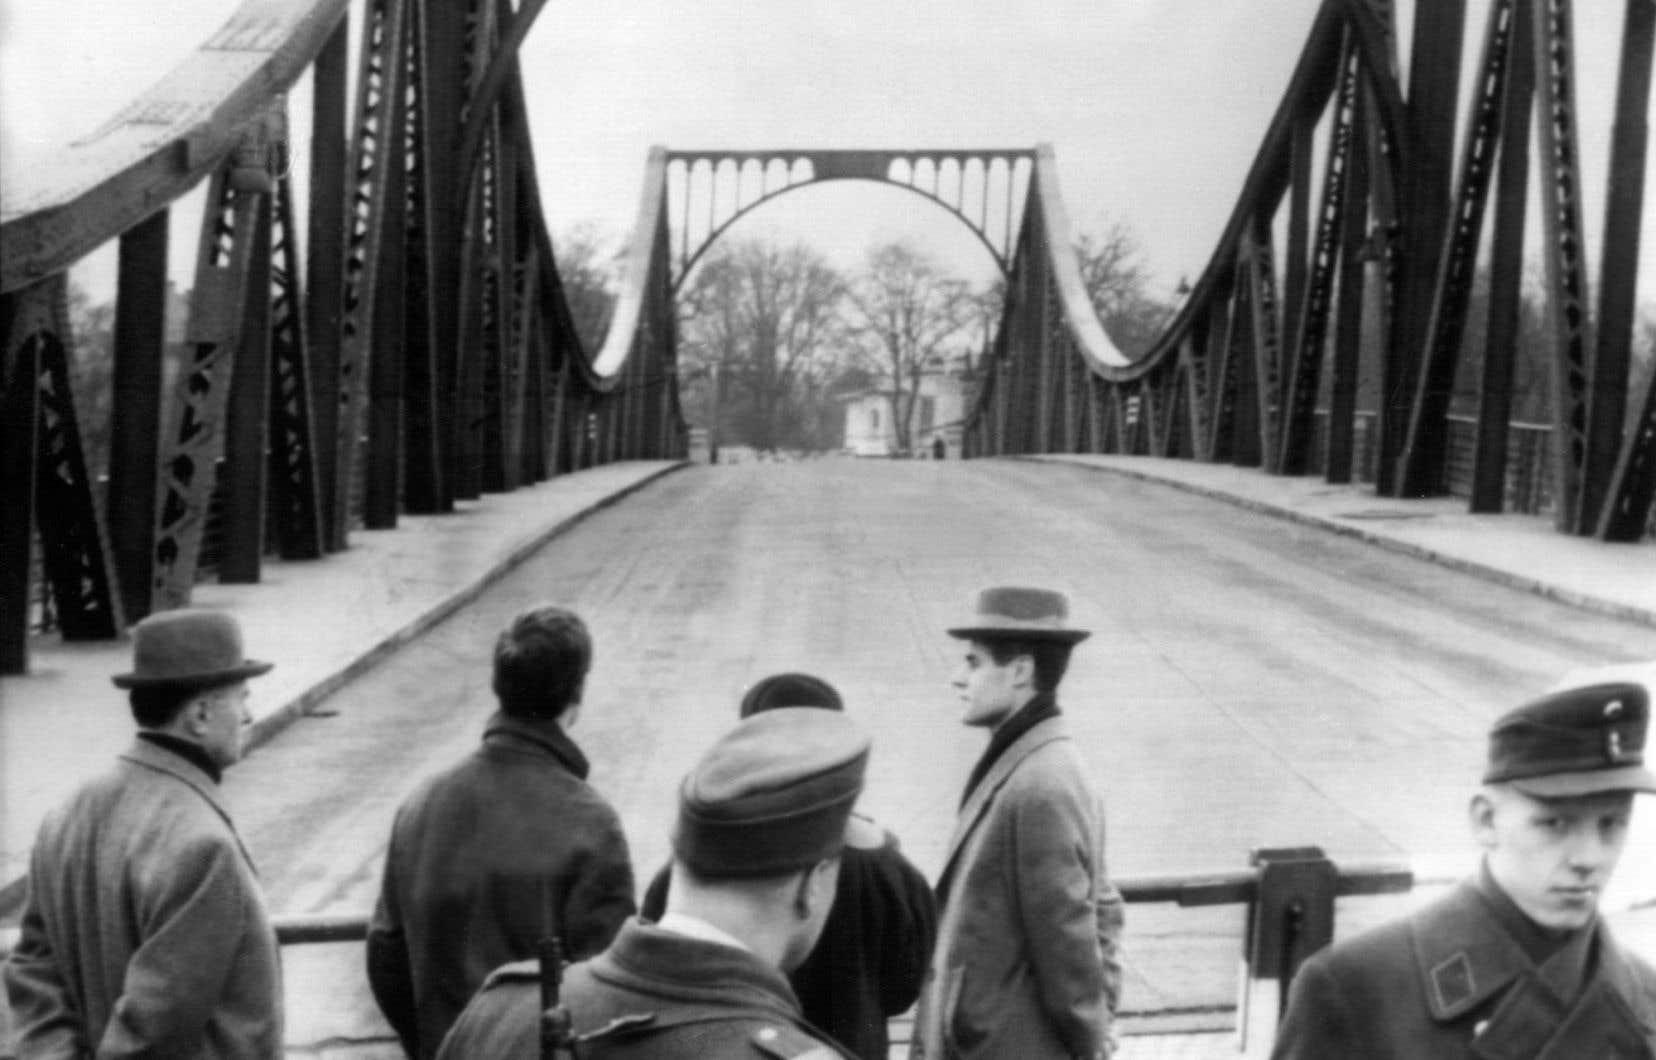 C'est sur le pont Glienicke, qui reliait Berlin est et Berlin ouest, qu'ont eu lieu nombre d'échanges d'espions à l'époque de la guerre froide.